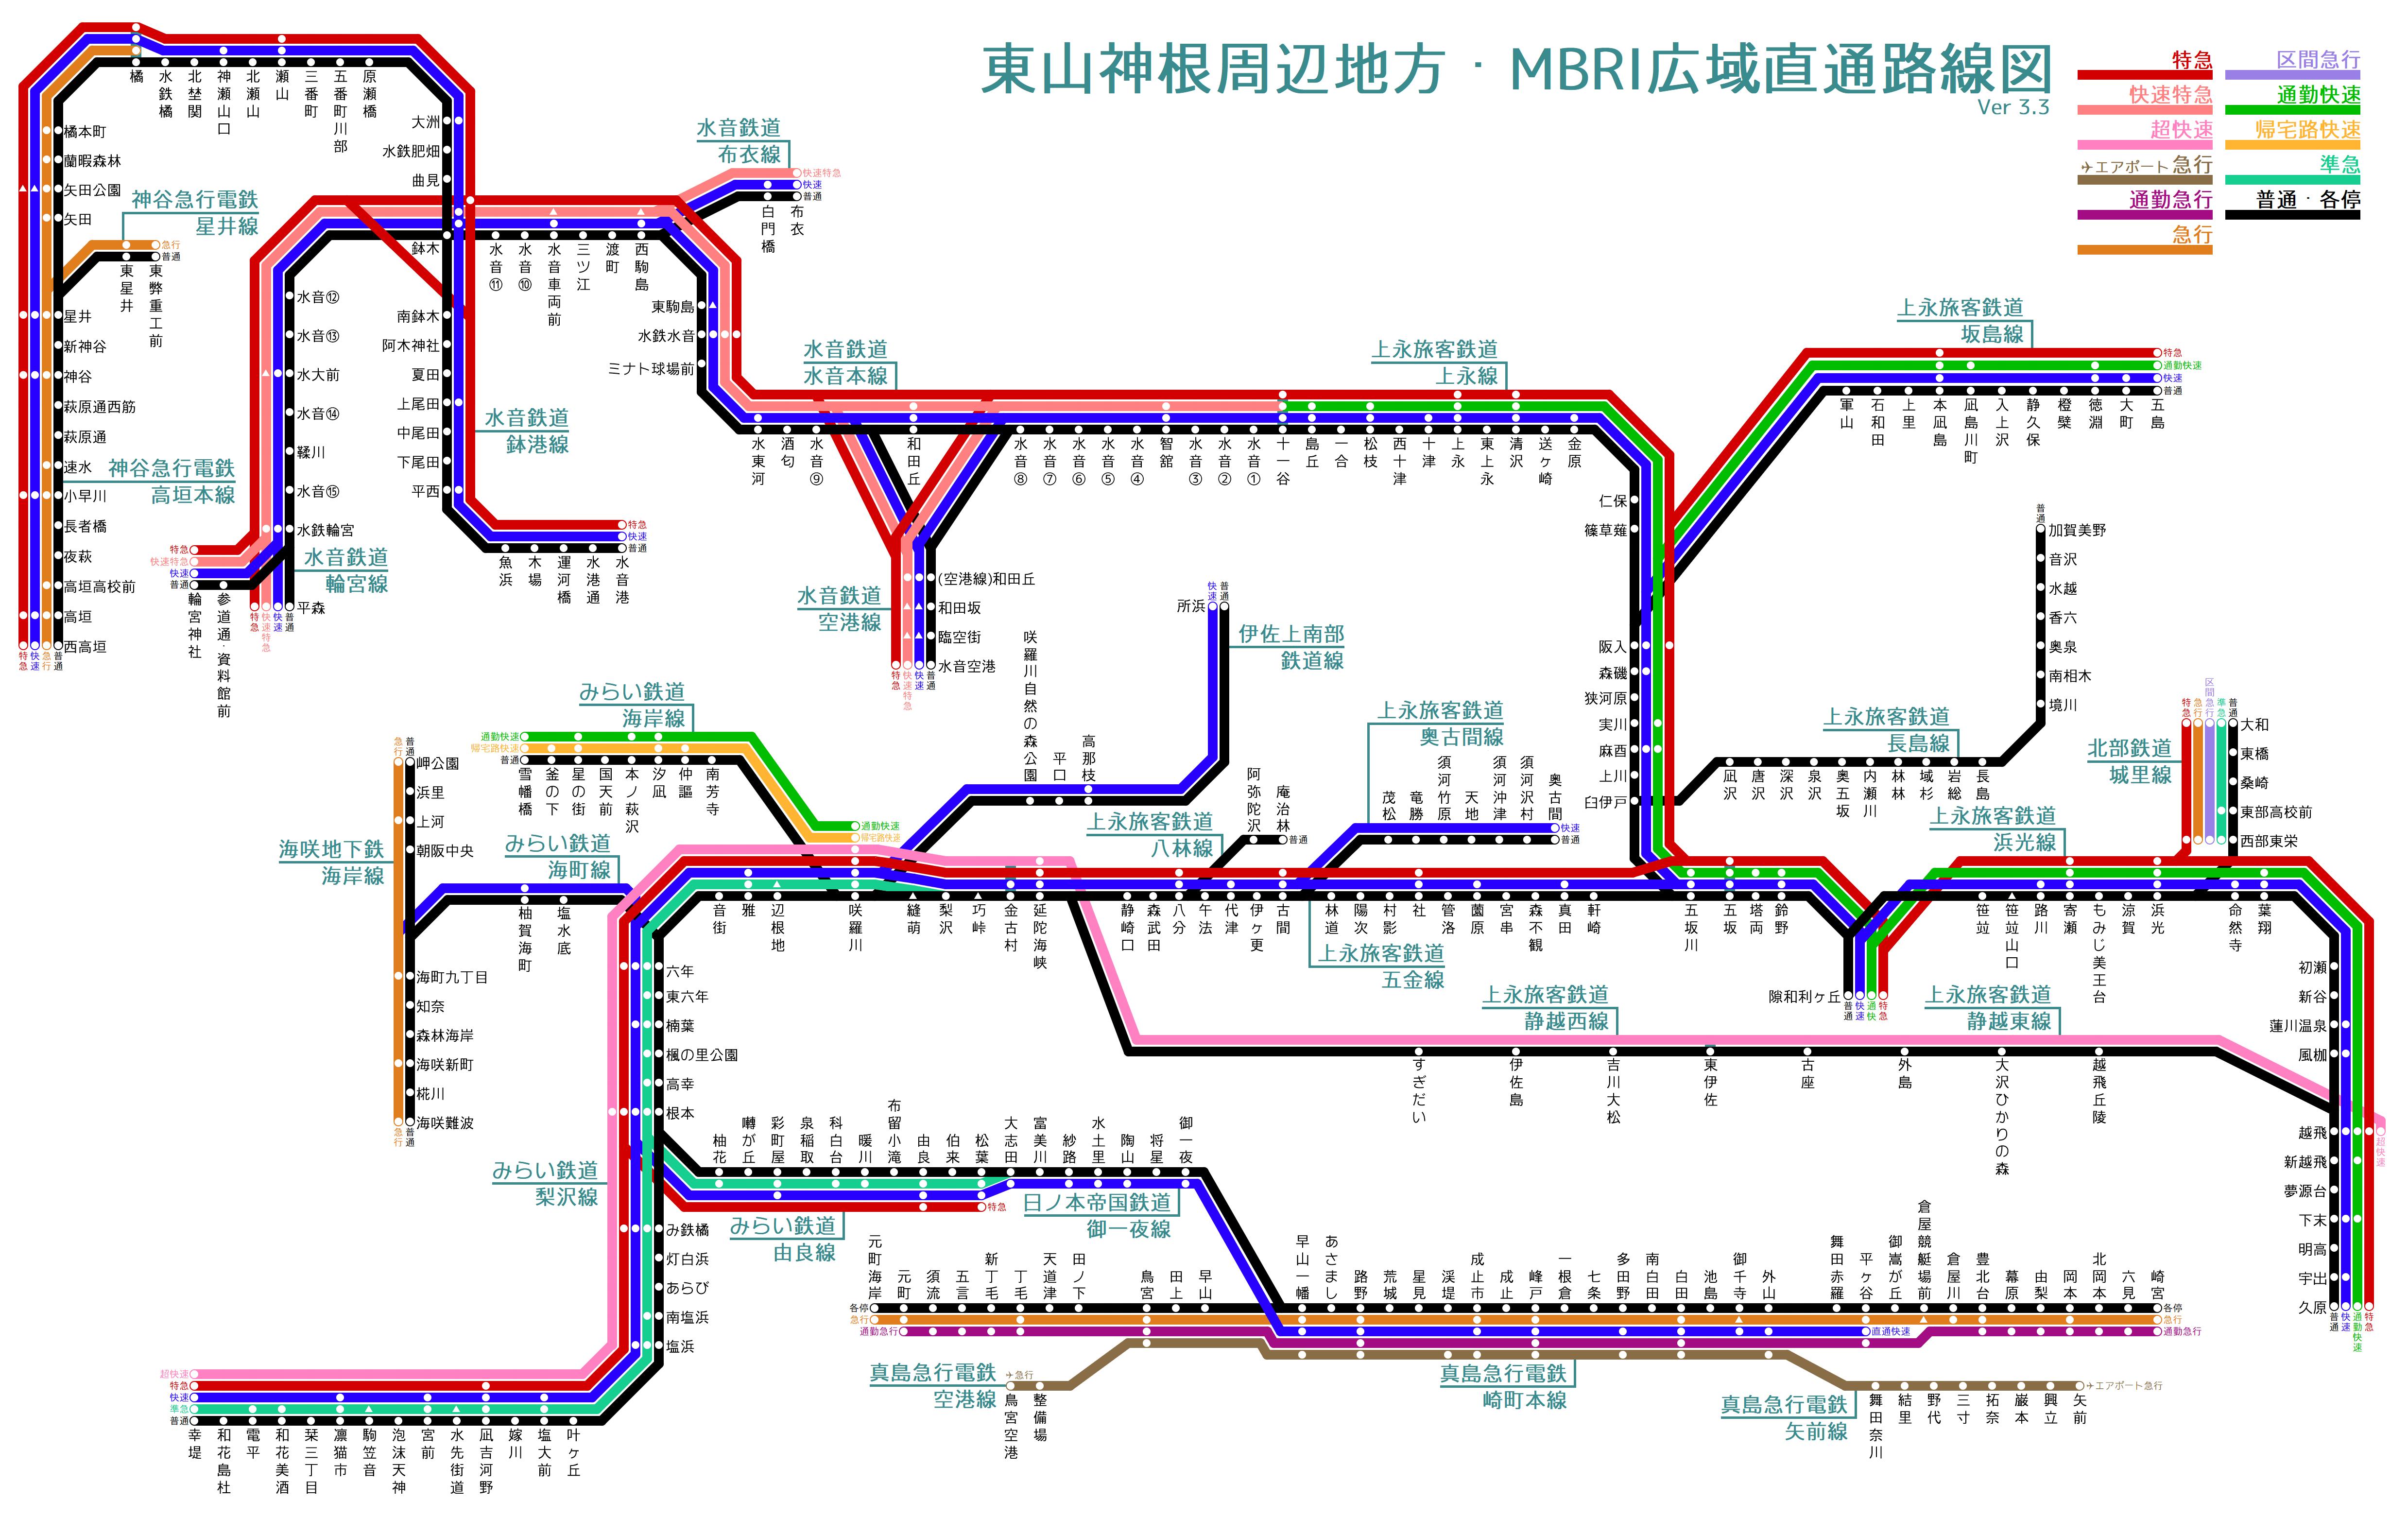 直通路線図 Ver3.3.png